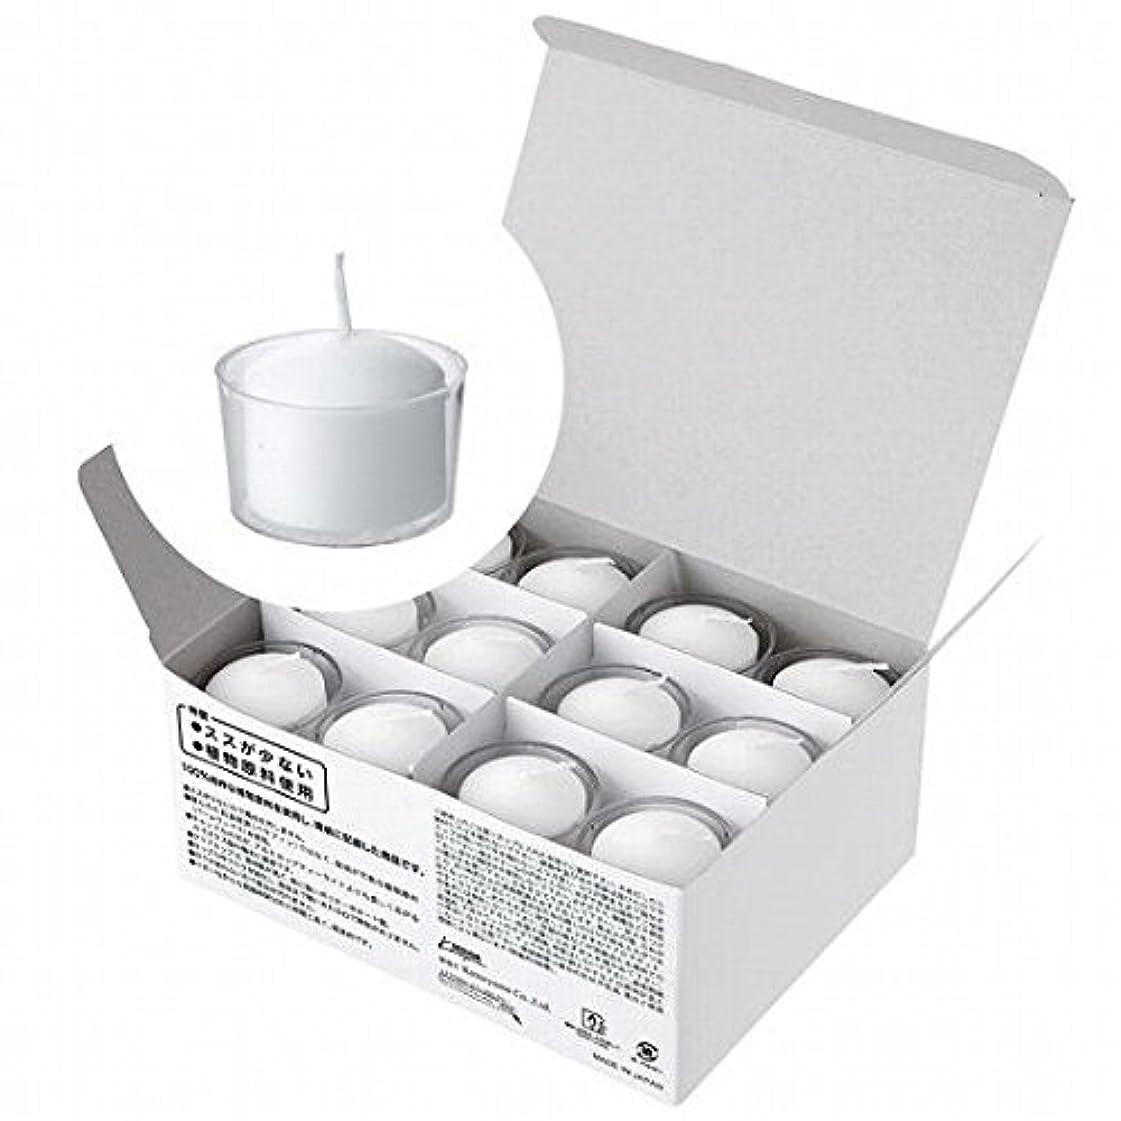 テザーロイヤリティ飛行場kameyama candle(カメヤマキャンドル) クレア 5時間タイプ24個入り【ススが出にくいキャンドル】「 ホワイト 」(A8165524W)